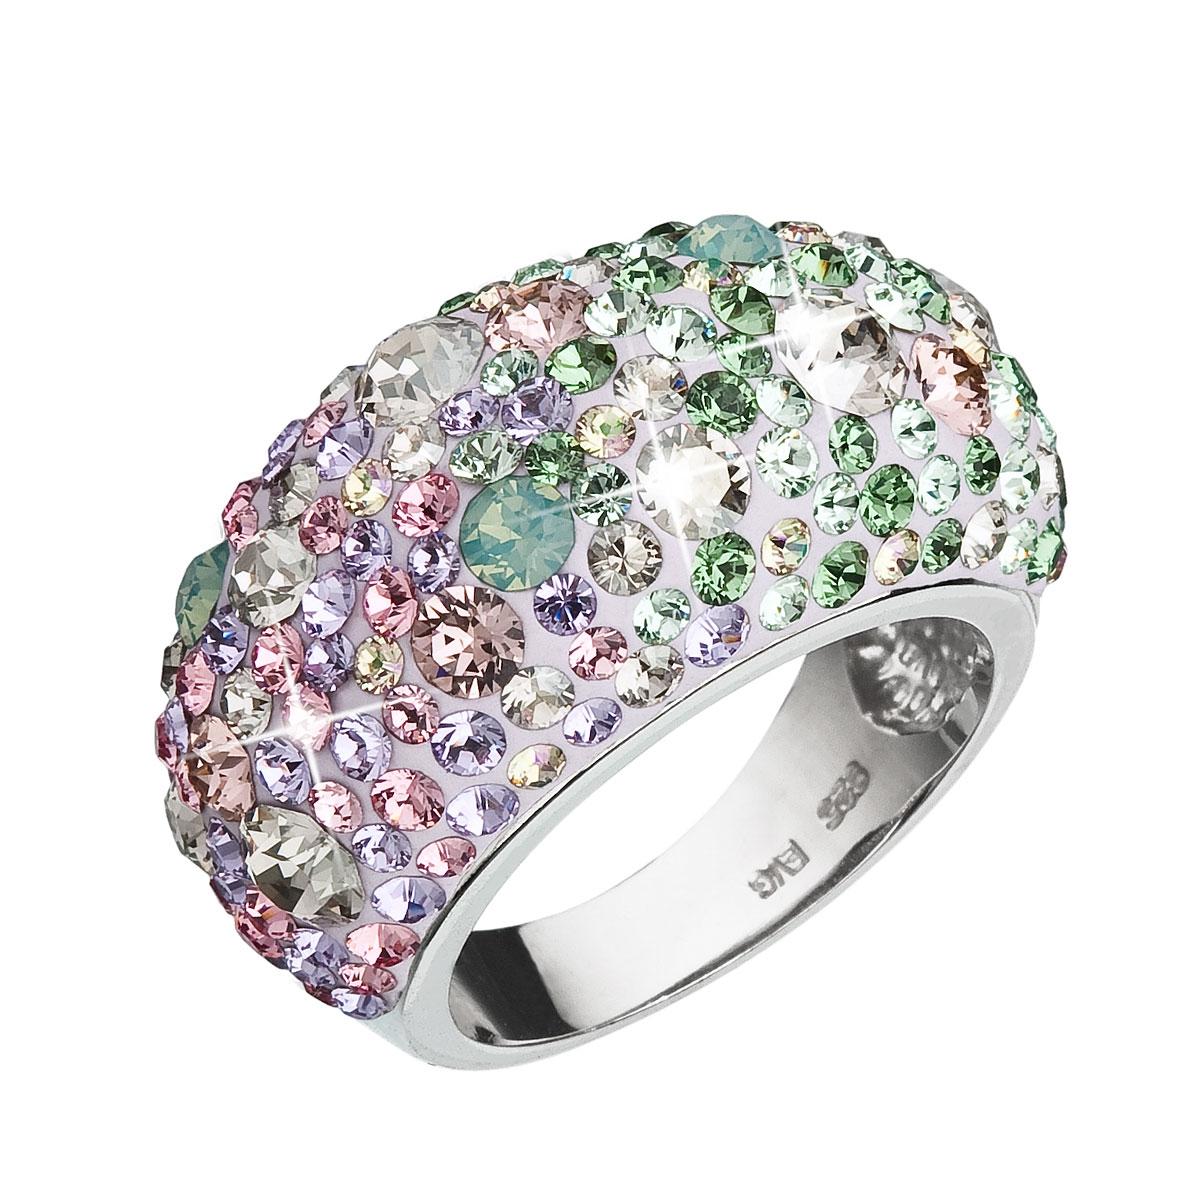 Strieborný prsteň s kryštálmi Crystals from Swarovski ® 46eaa731516